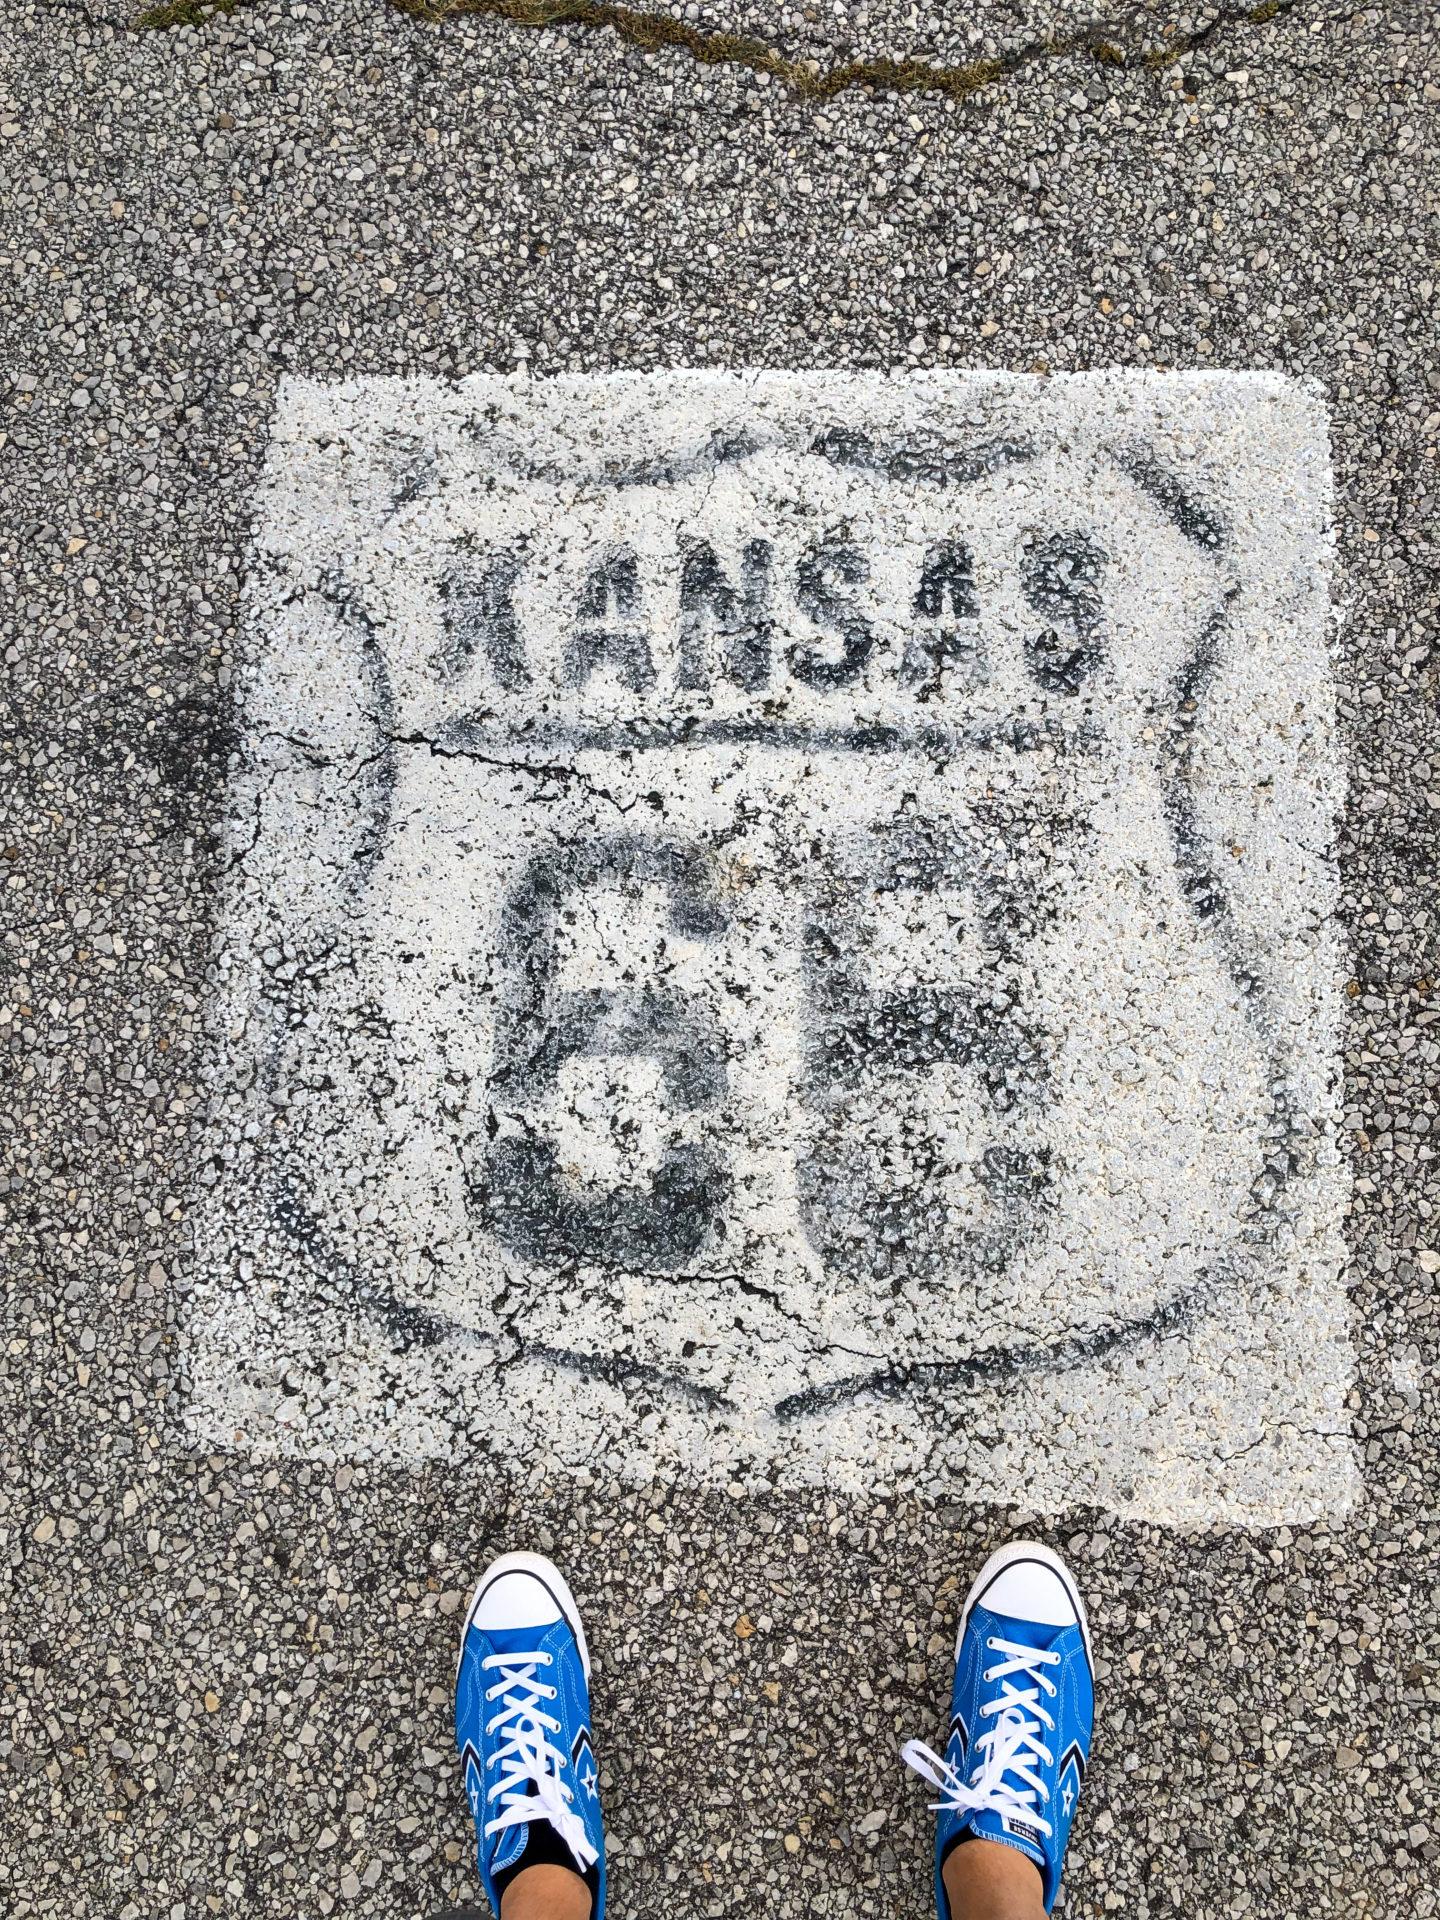 Verblichenes Straßenschild an der Route 66 im Bundesstaat Kansas.